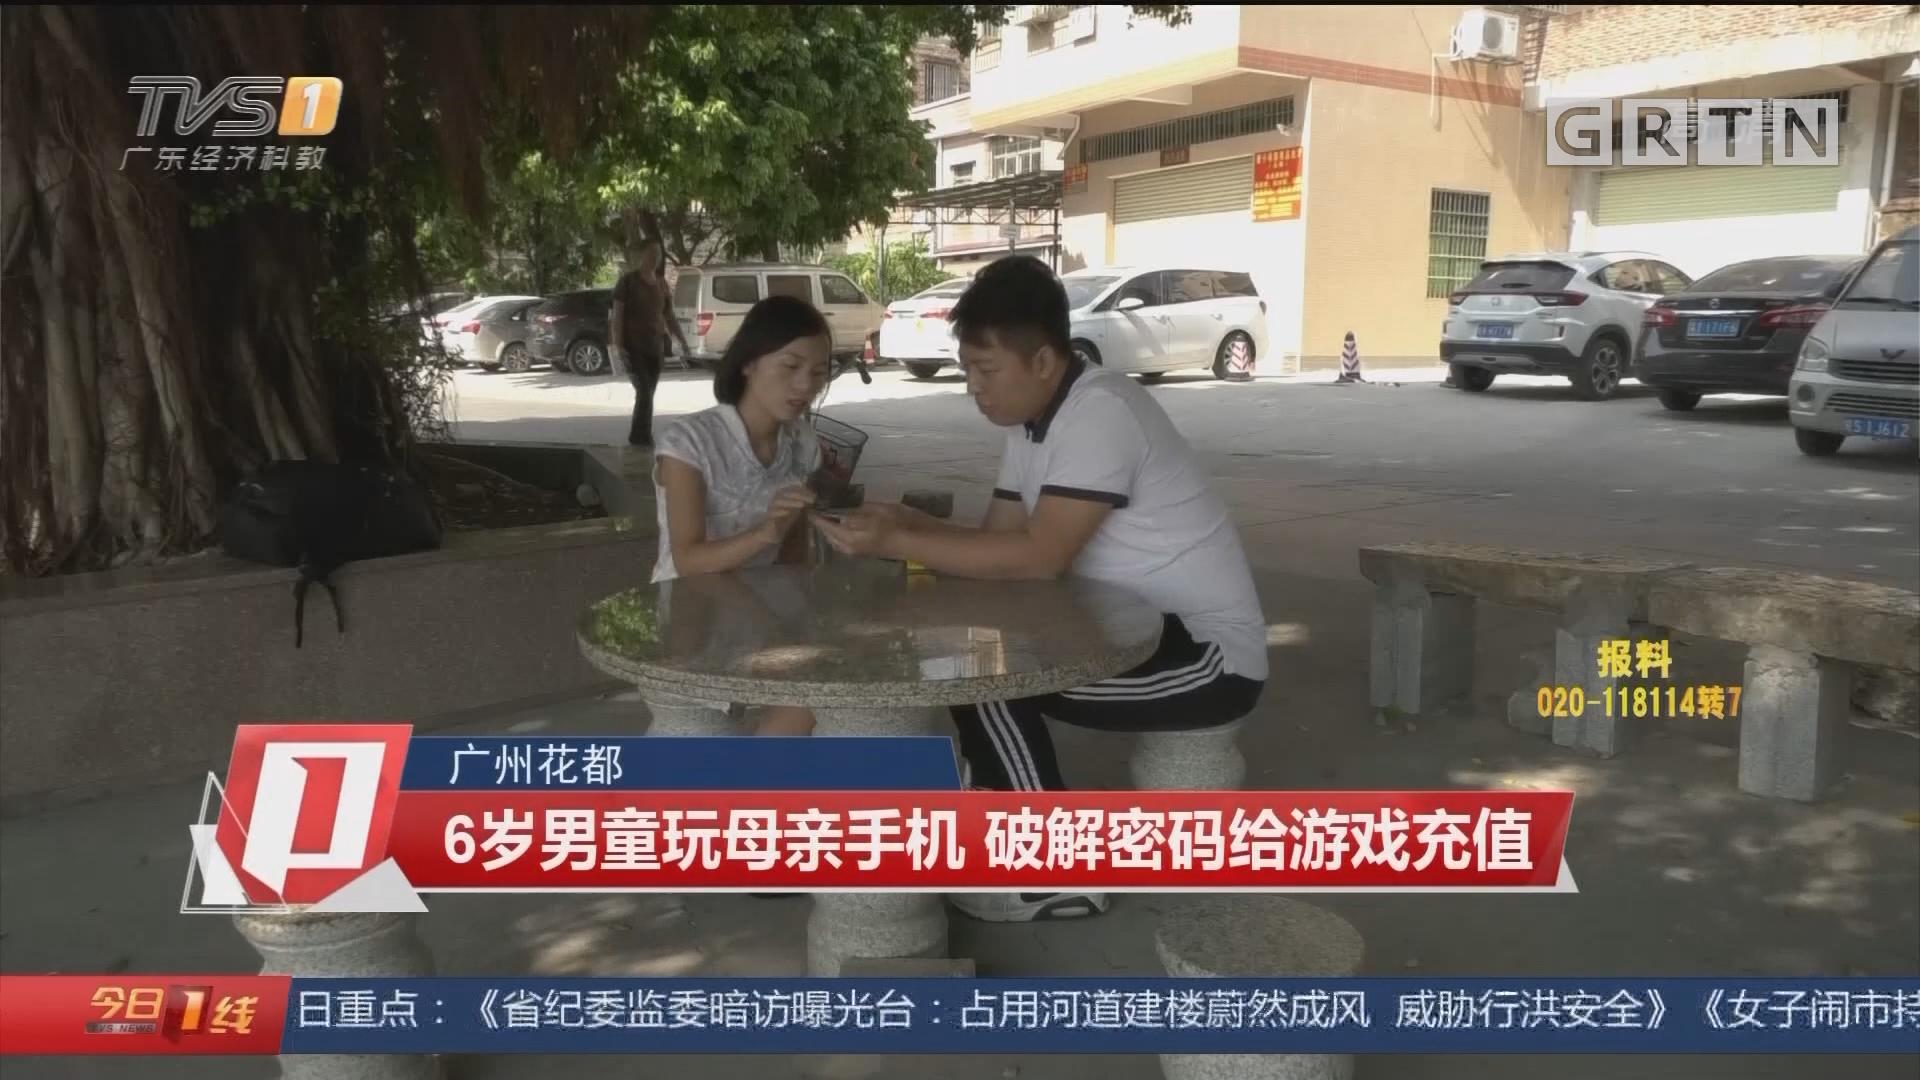 广州花都:6岁男童玩母亲手机 破解密码给游戏充值